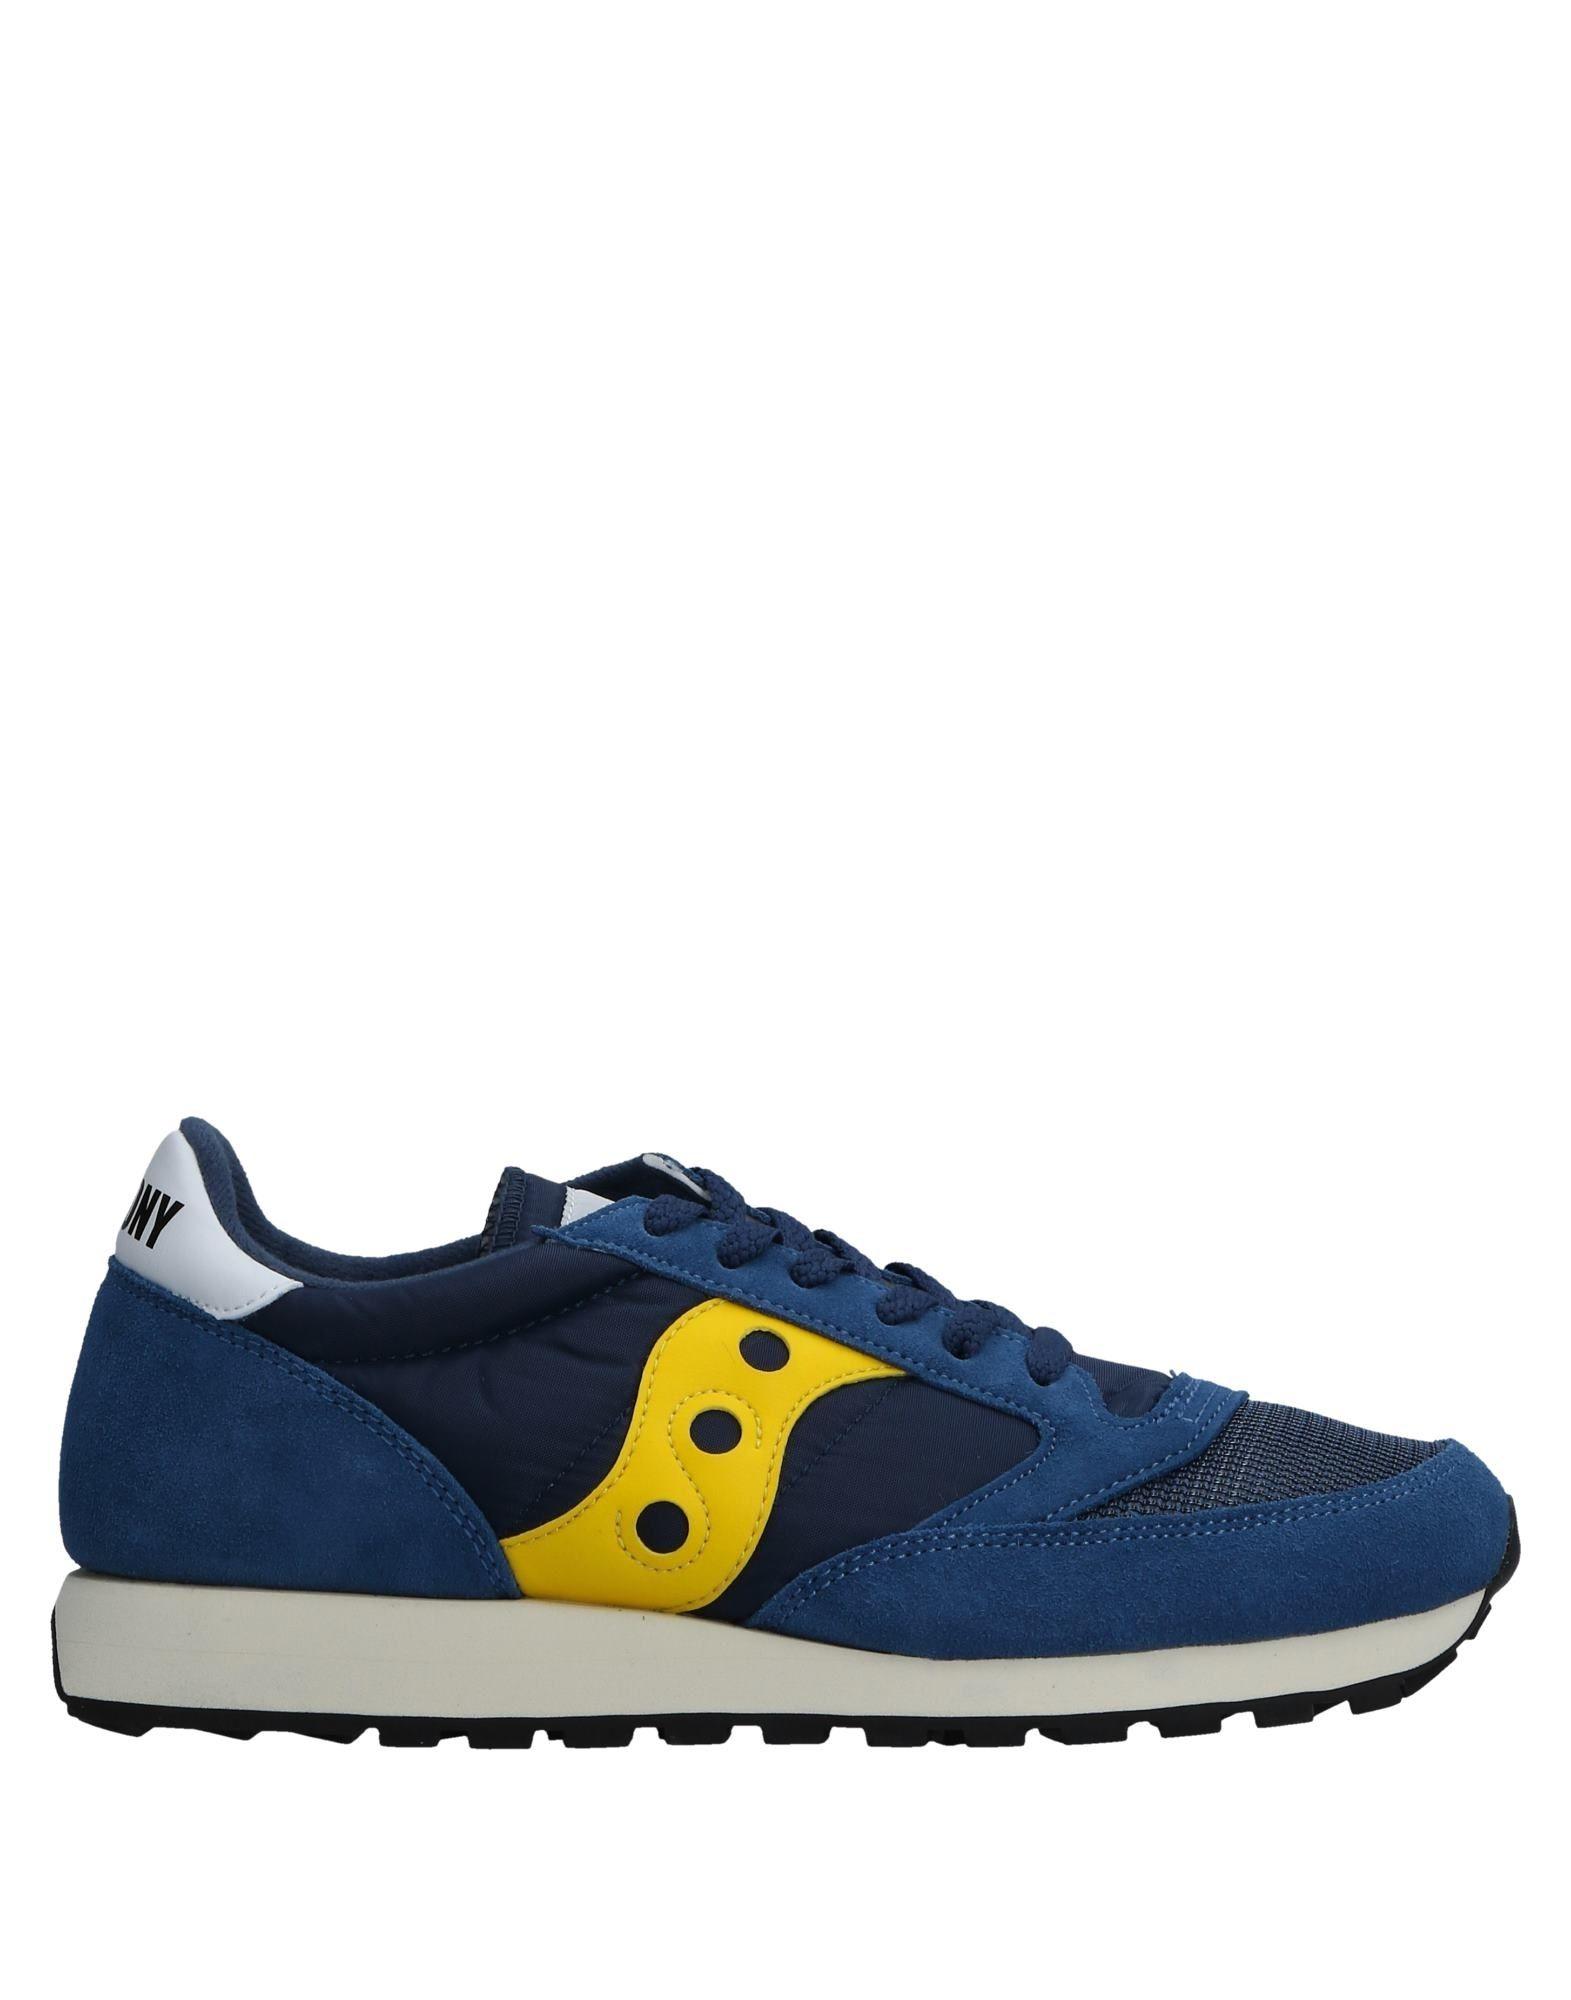 Haltbare Mode billige Schuhe Saucony Sneakers Herren  11525611HR Heiße Schuhe